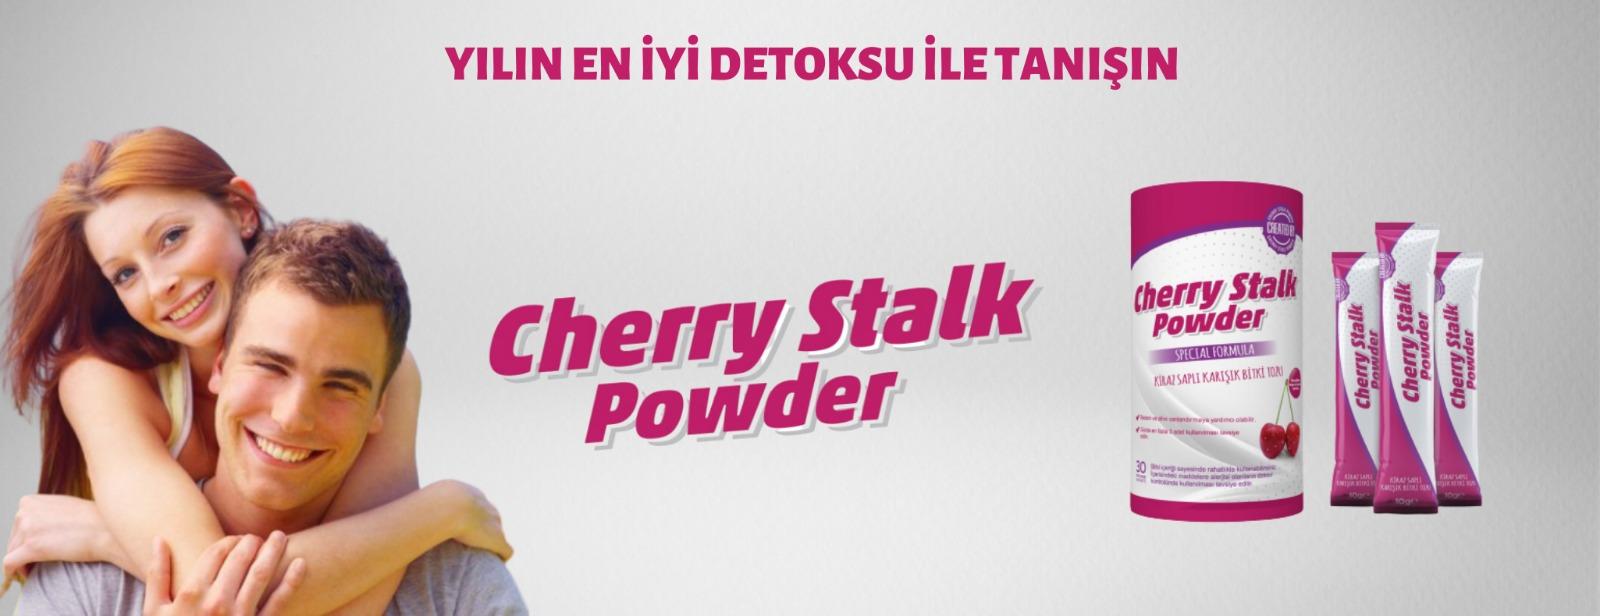 Cherry Stalk Powder Artık Türkiye'de !